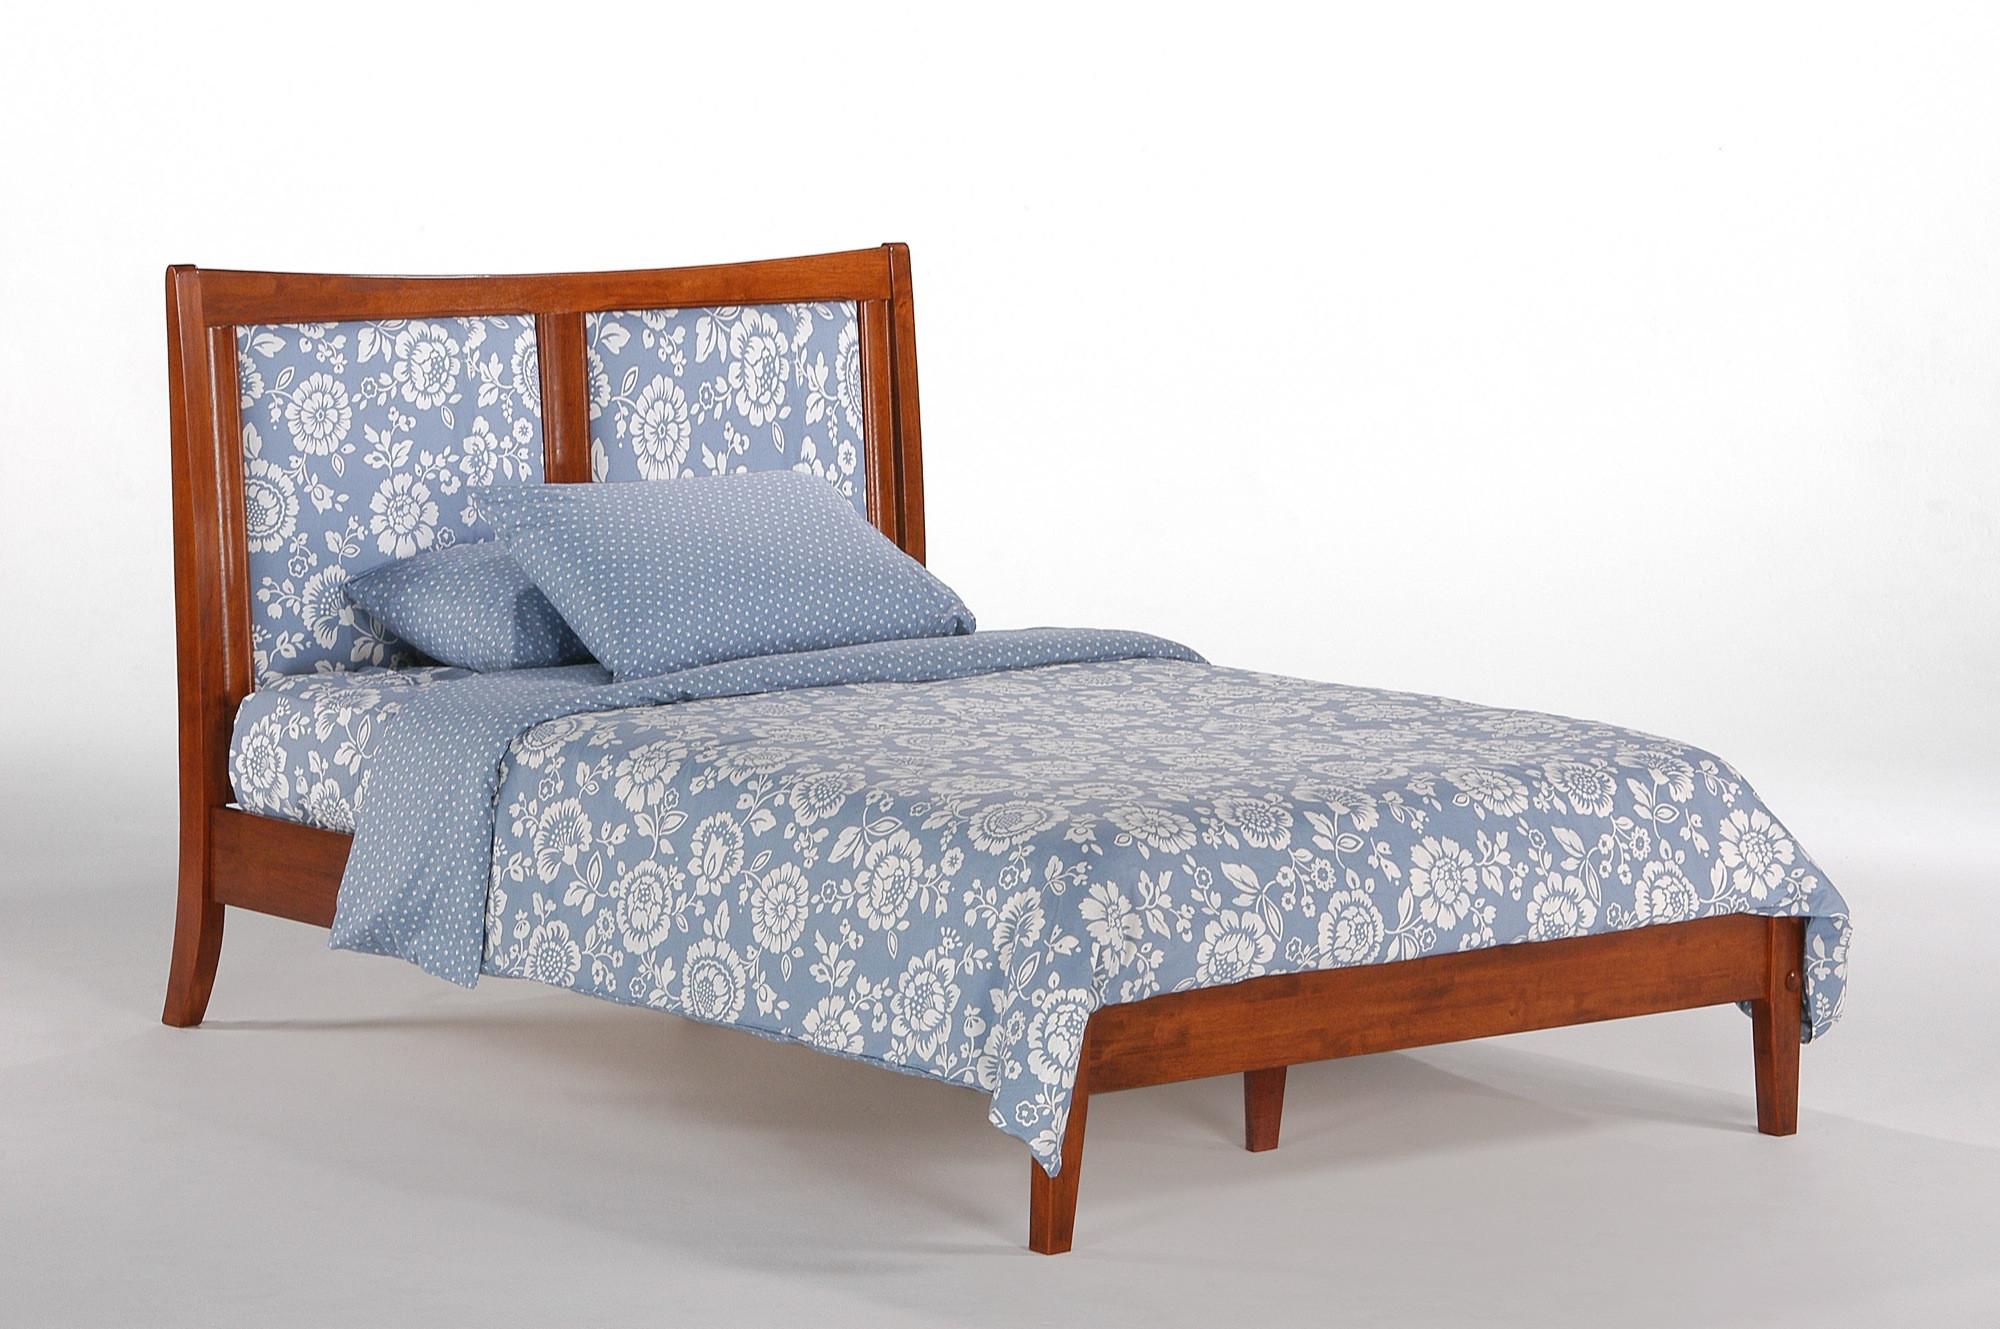 chameleon bed full cherry.jpg